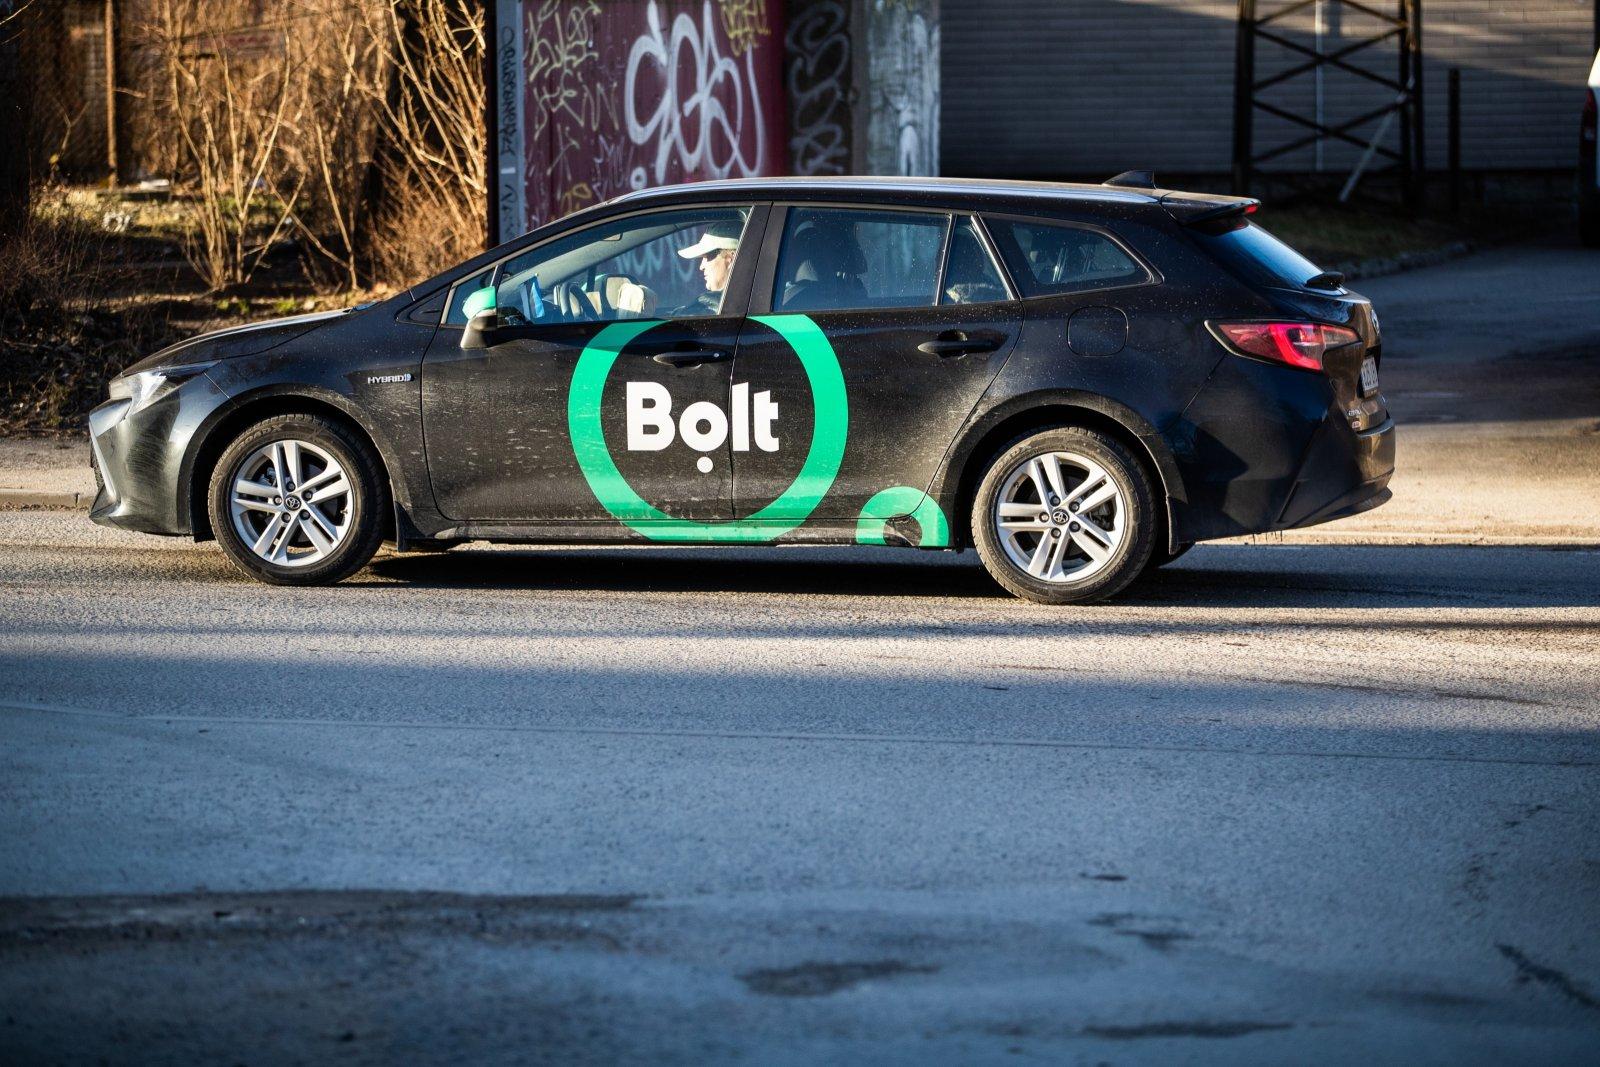 Sisekirjad paljastavad:  Bolt on asunud diskrimineerima konkurentide autosid